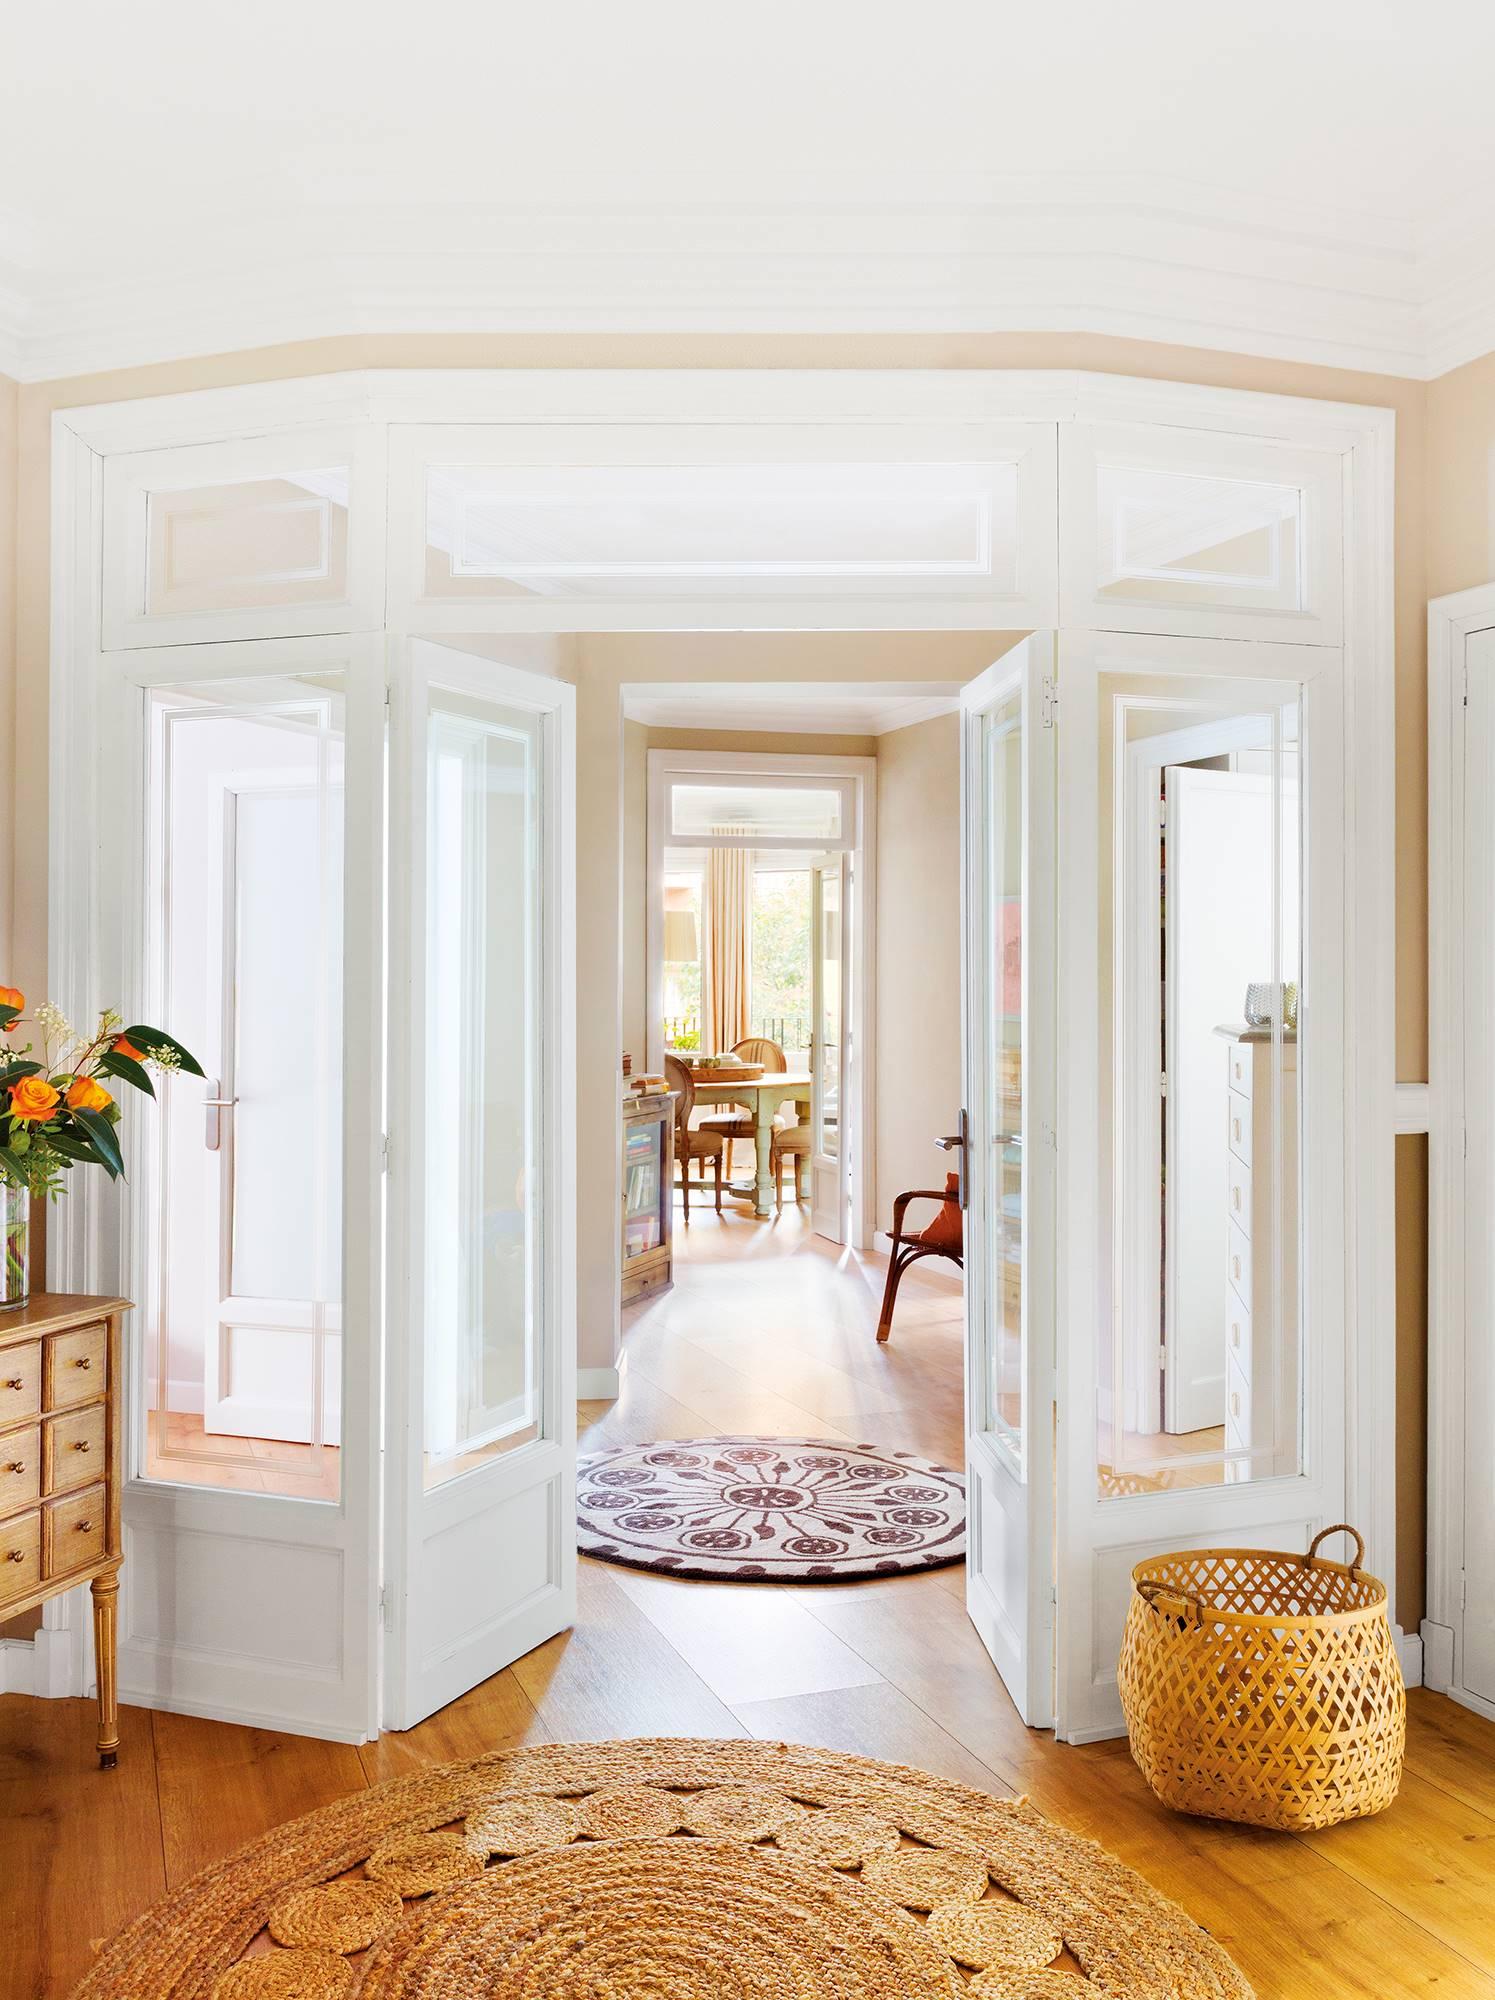 Cu nto cuesta pintar las puertas - Cristales decorados para puertas ...